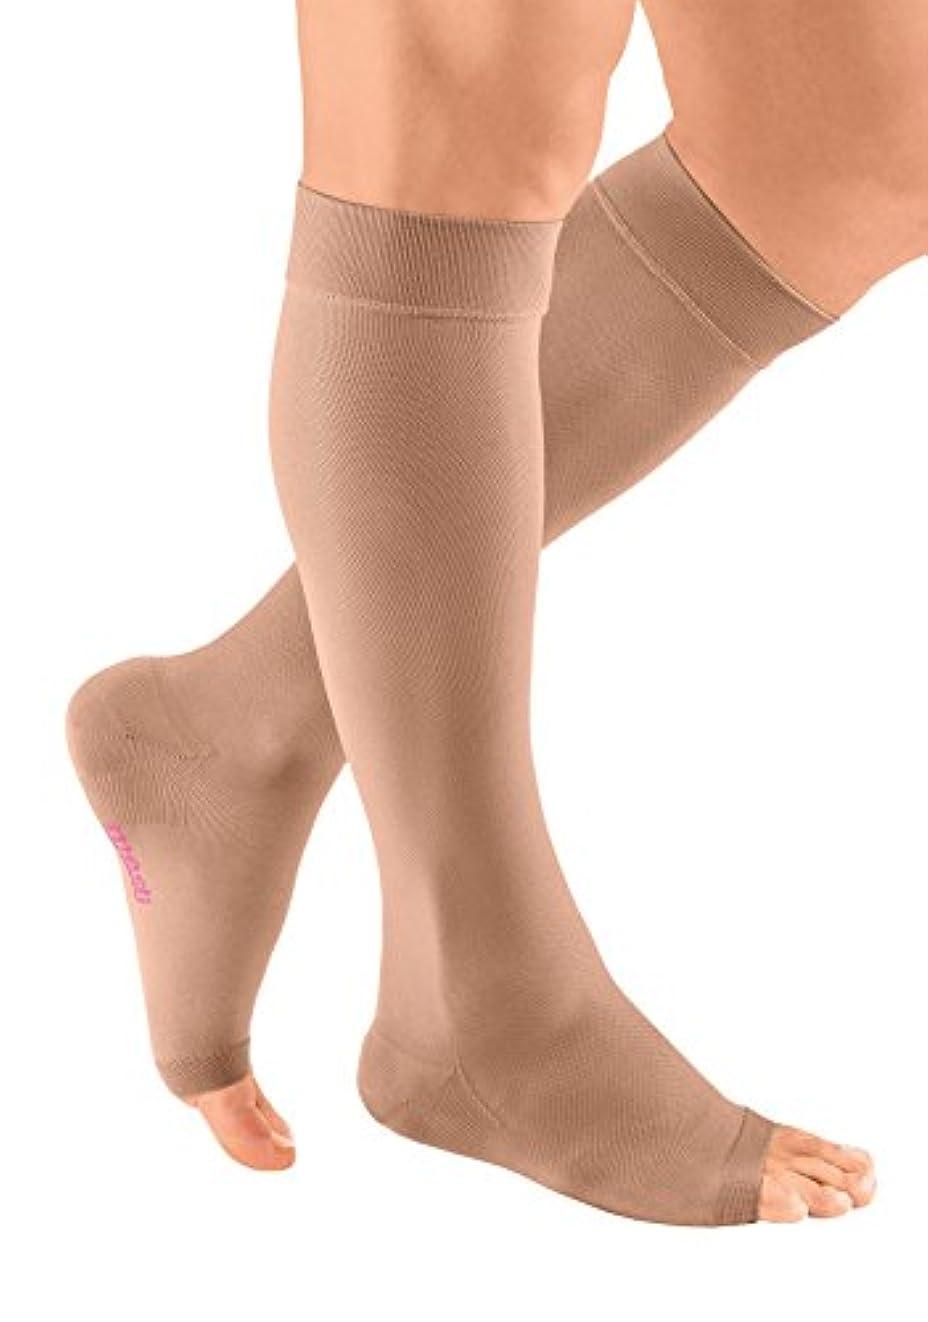 布やけど財団mediven plus Compression Stockings 20-30 EW Calf Open Toe Beige III by Medi